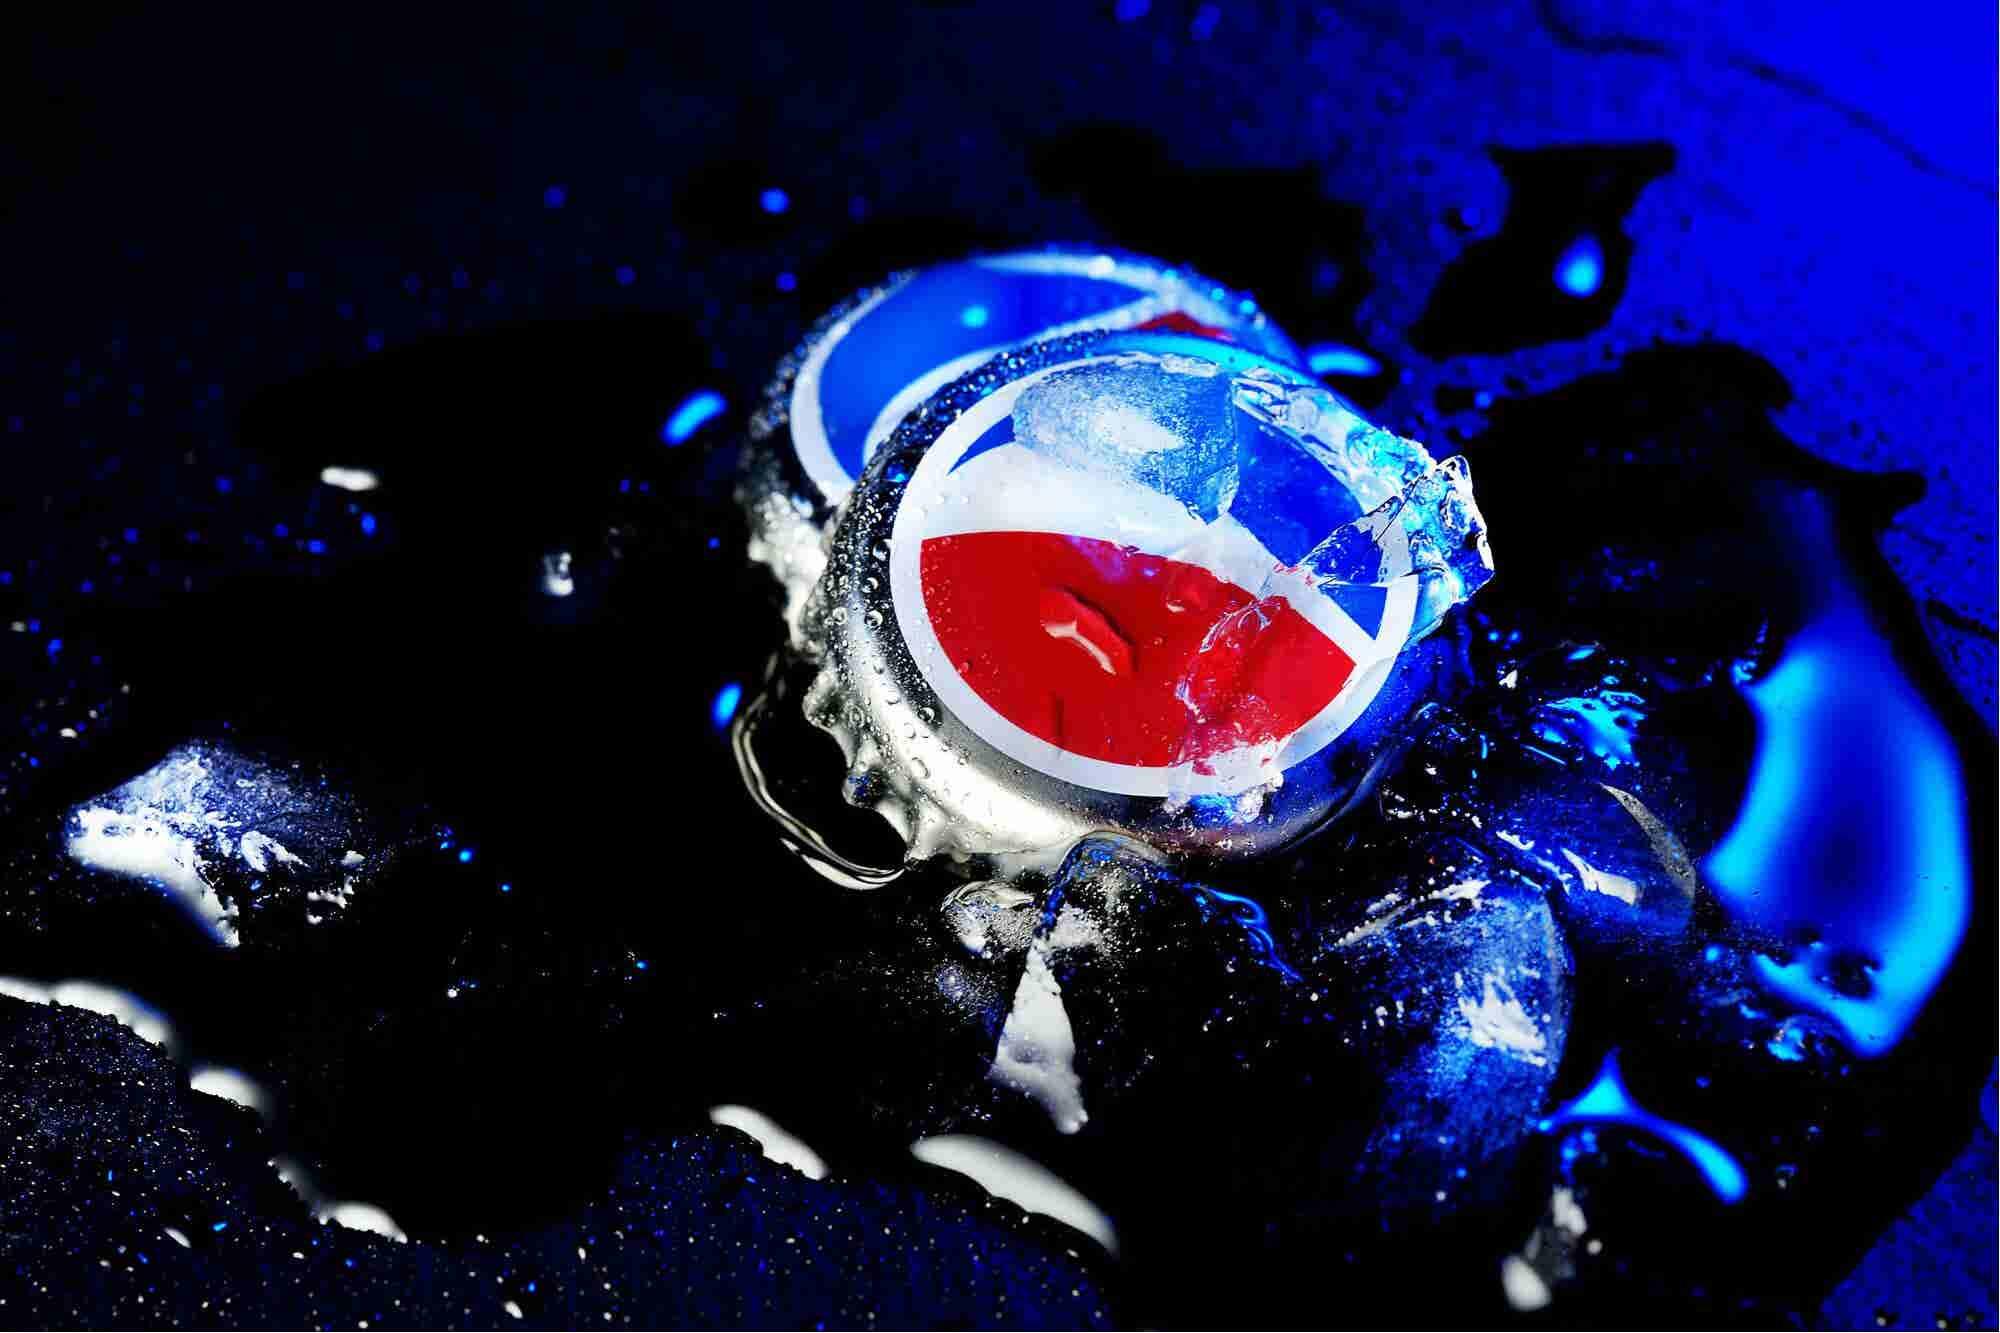 La empresa casera, SodaStream, que hizo desembolsar a Pepsi 3,200 millones de dólares